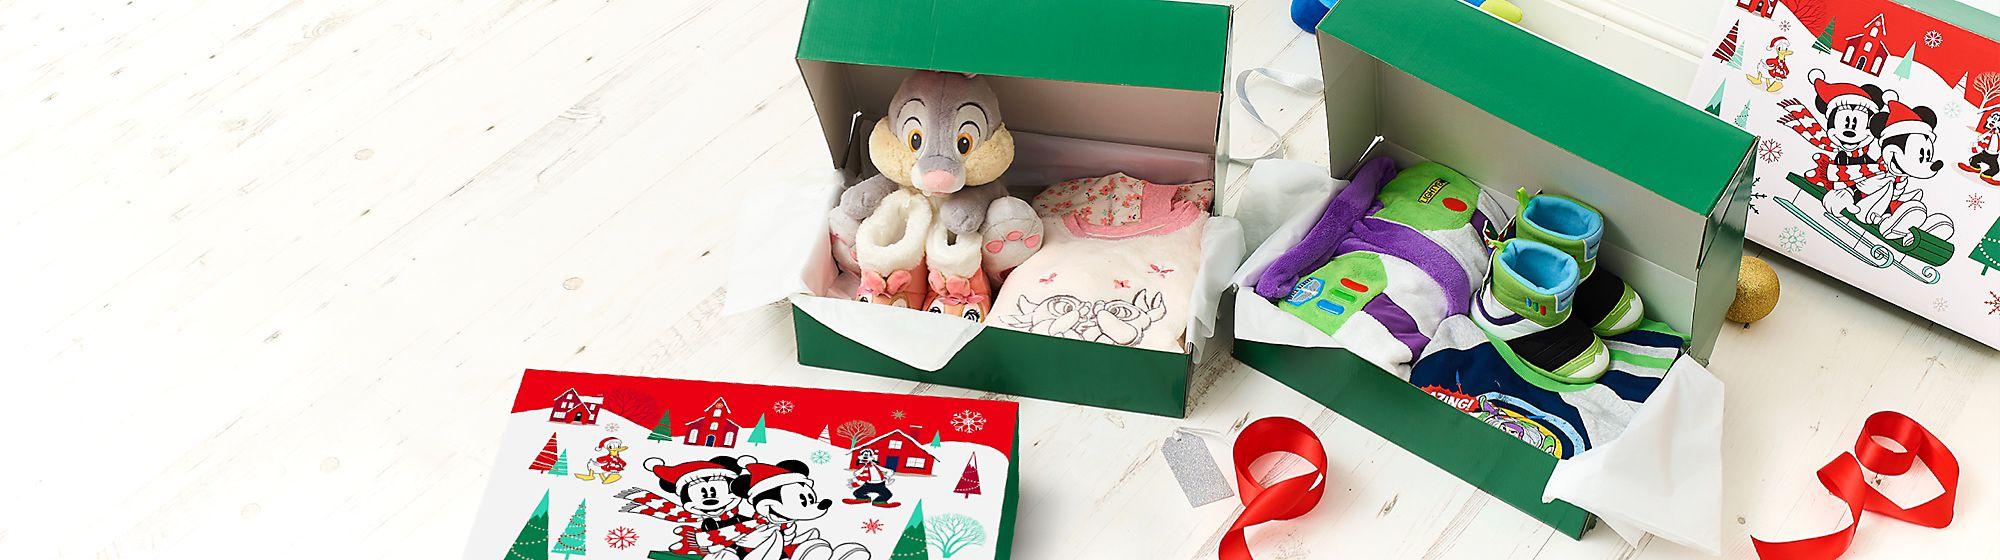 Confezioni regalo e  borse shopper Dai un'occhiata alla nostra scelta di confezioni regalo e borse shopper con Topolino, Minnie e molti altri personaggi.